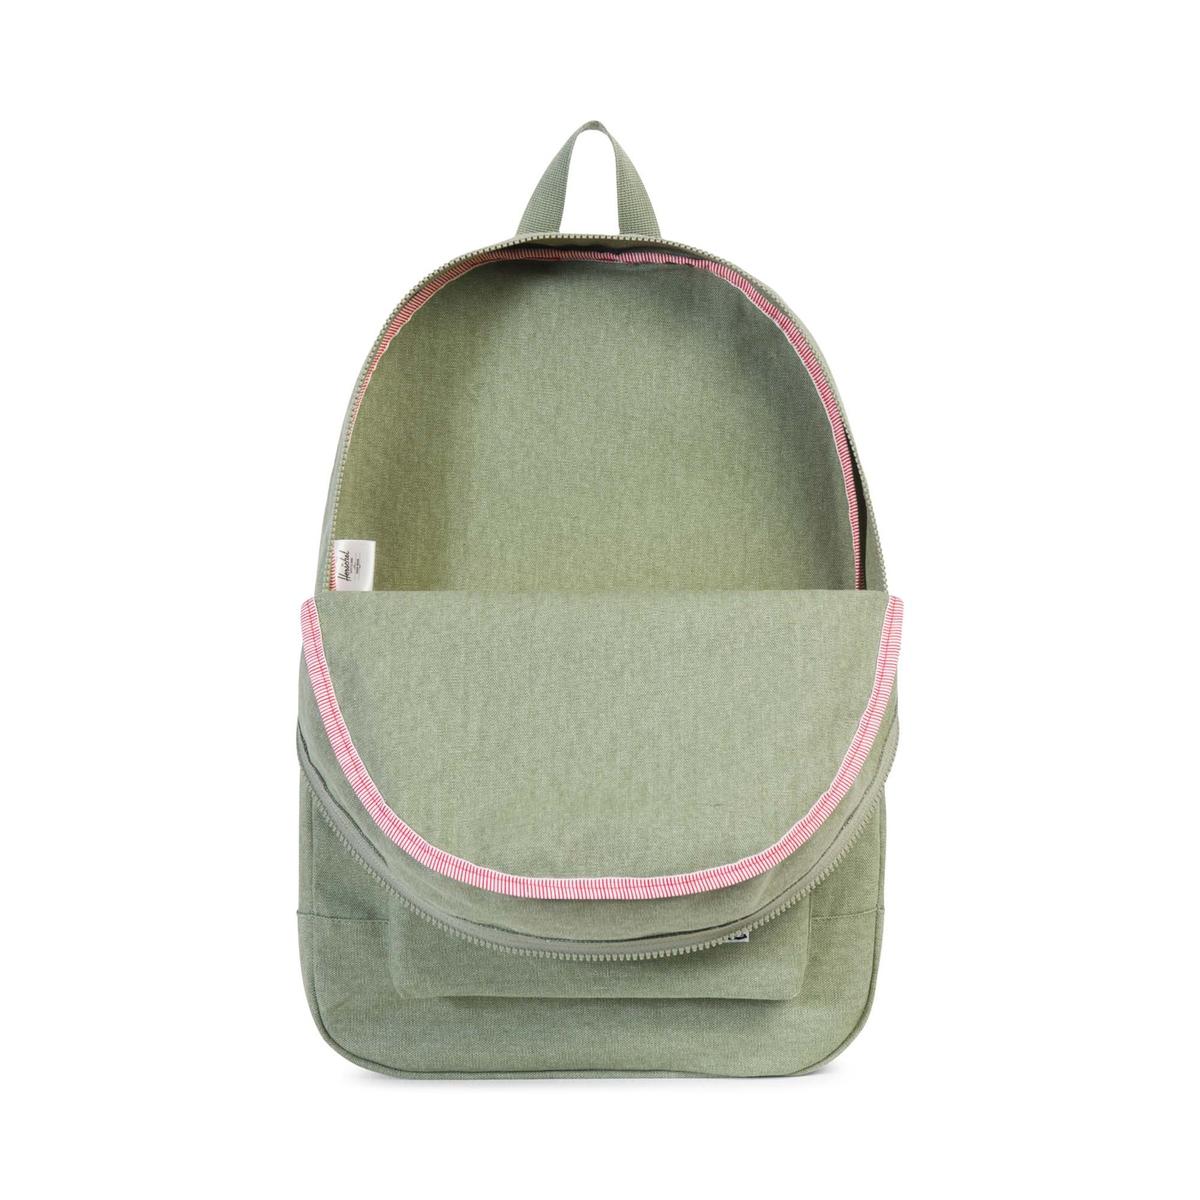 Рюкзак DAYPACKРюкзак HERSCHEL - модель DAYPACK. Объем  24,5 л. Основной карман на молнии + 1 внутренний карман + 1 внешний карман на молнии. Можно стирать. Разм. ок. 44 x 31 x 14 см. Состав и описание   Материал : 100% хлопковая канваМарка : HERSHEL<br><br>Цвет: зеленый